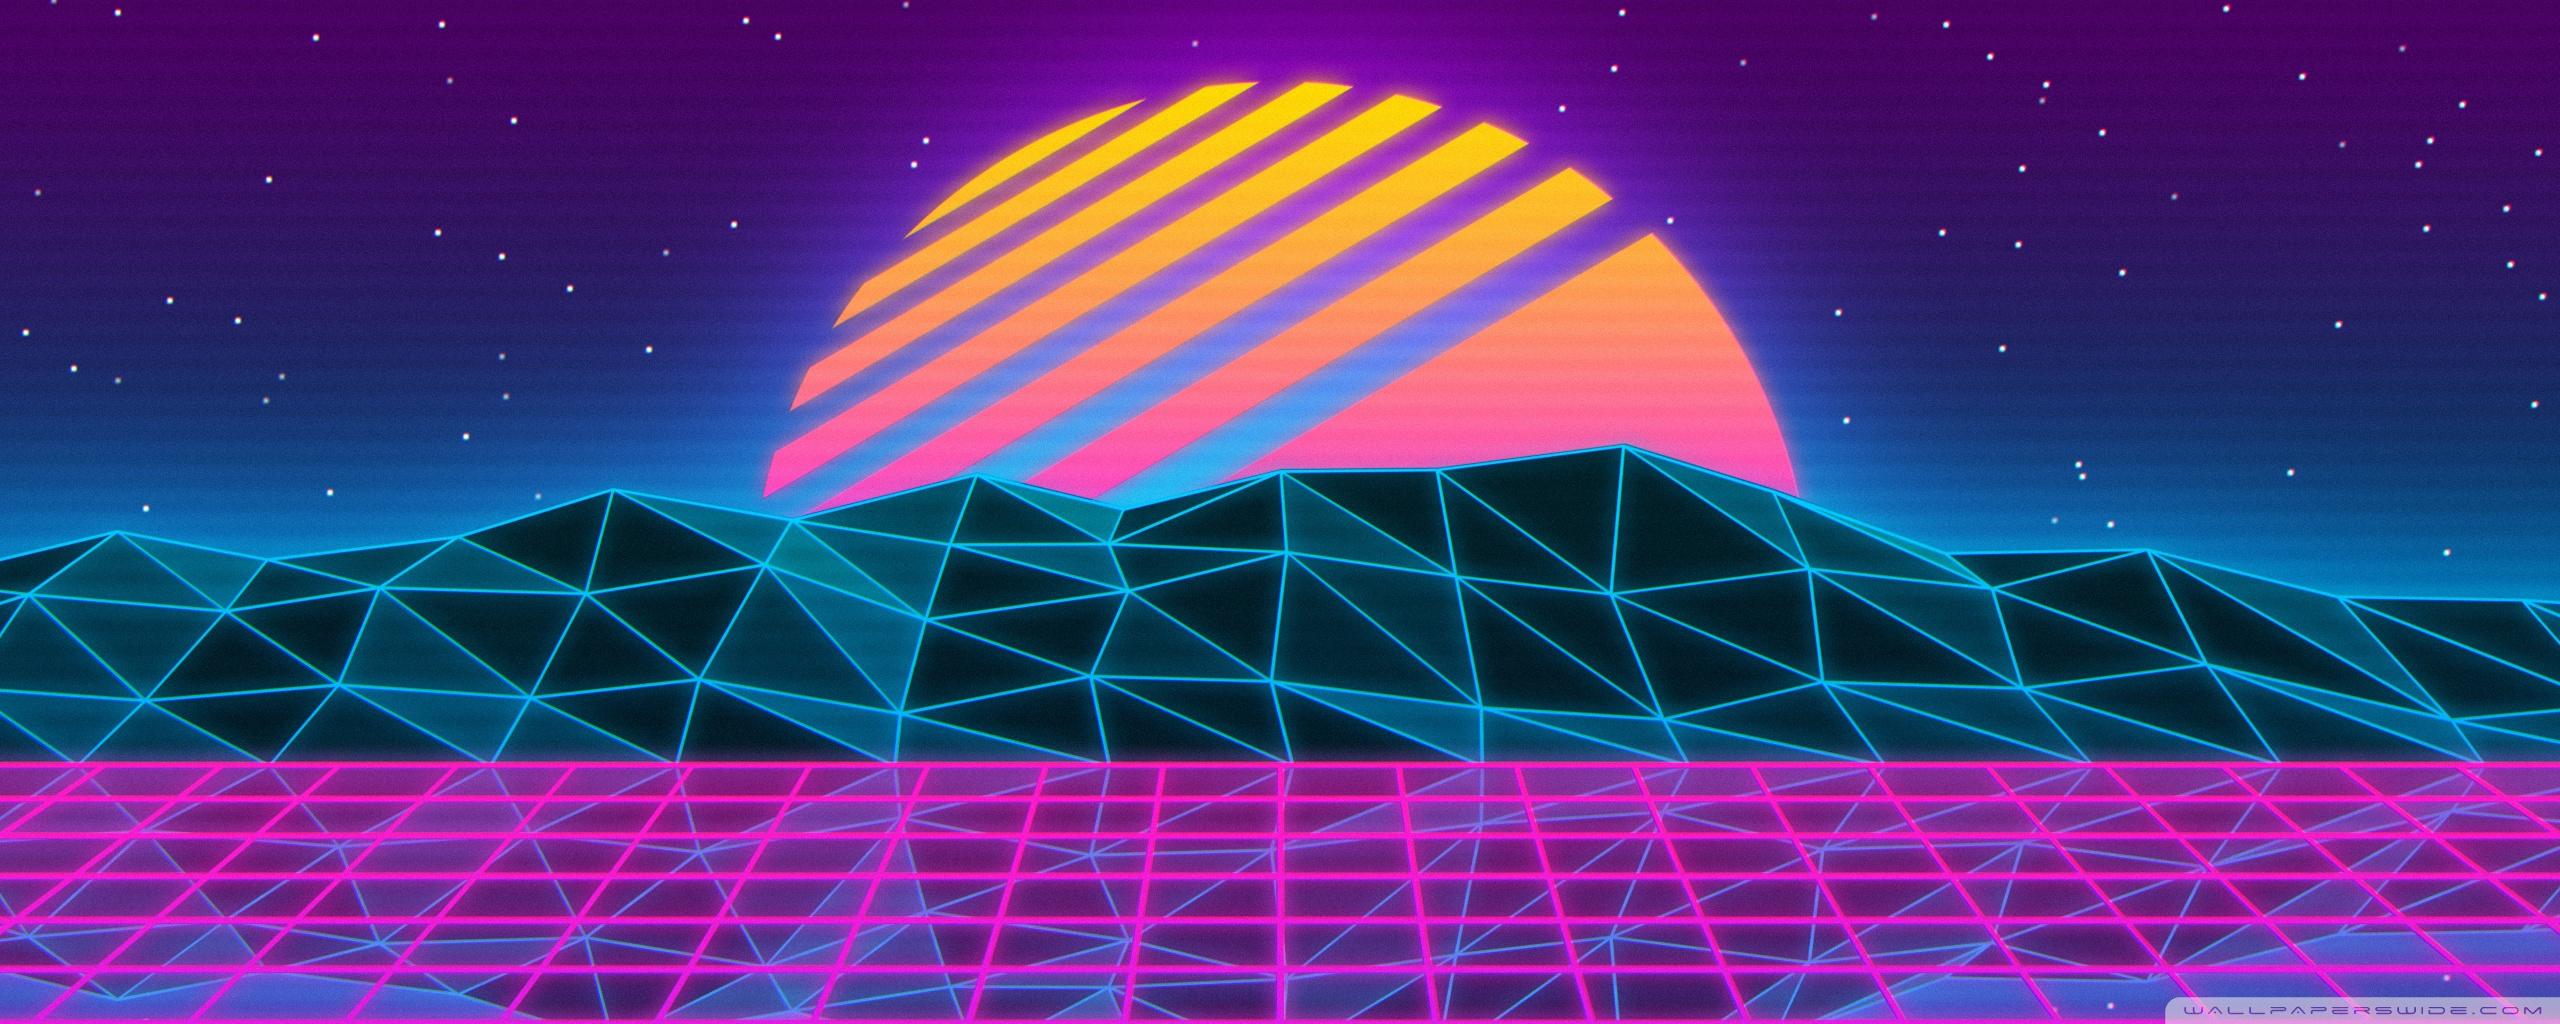 Free download Vaporwave 4K HD Desktop Wallpaper for Wide ...